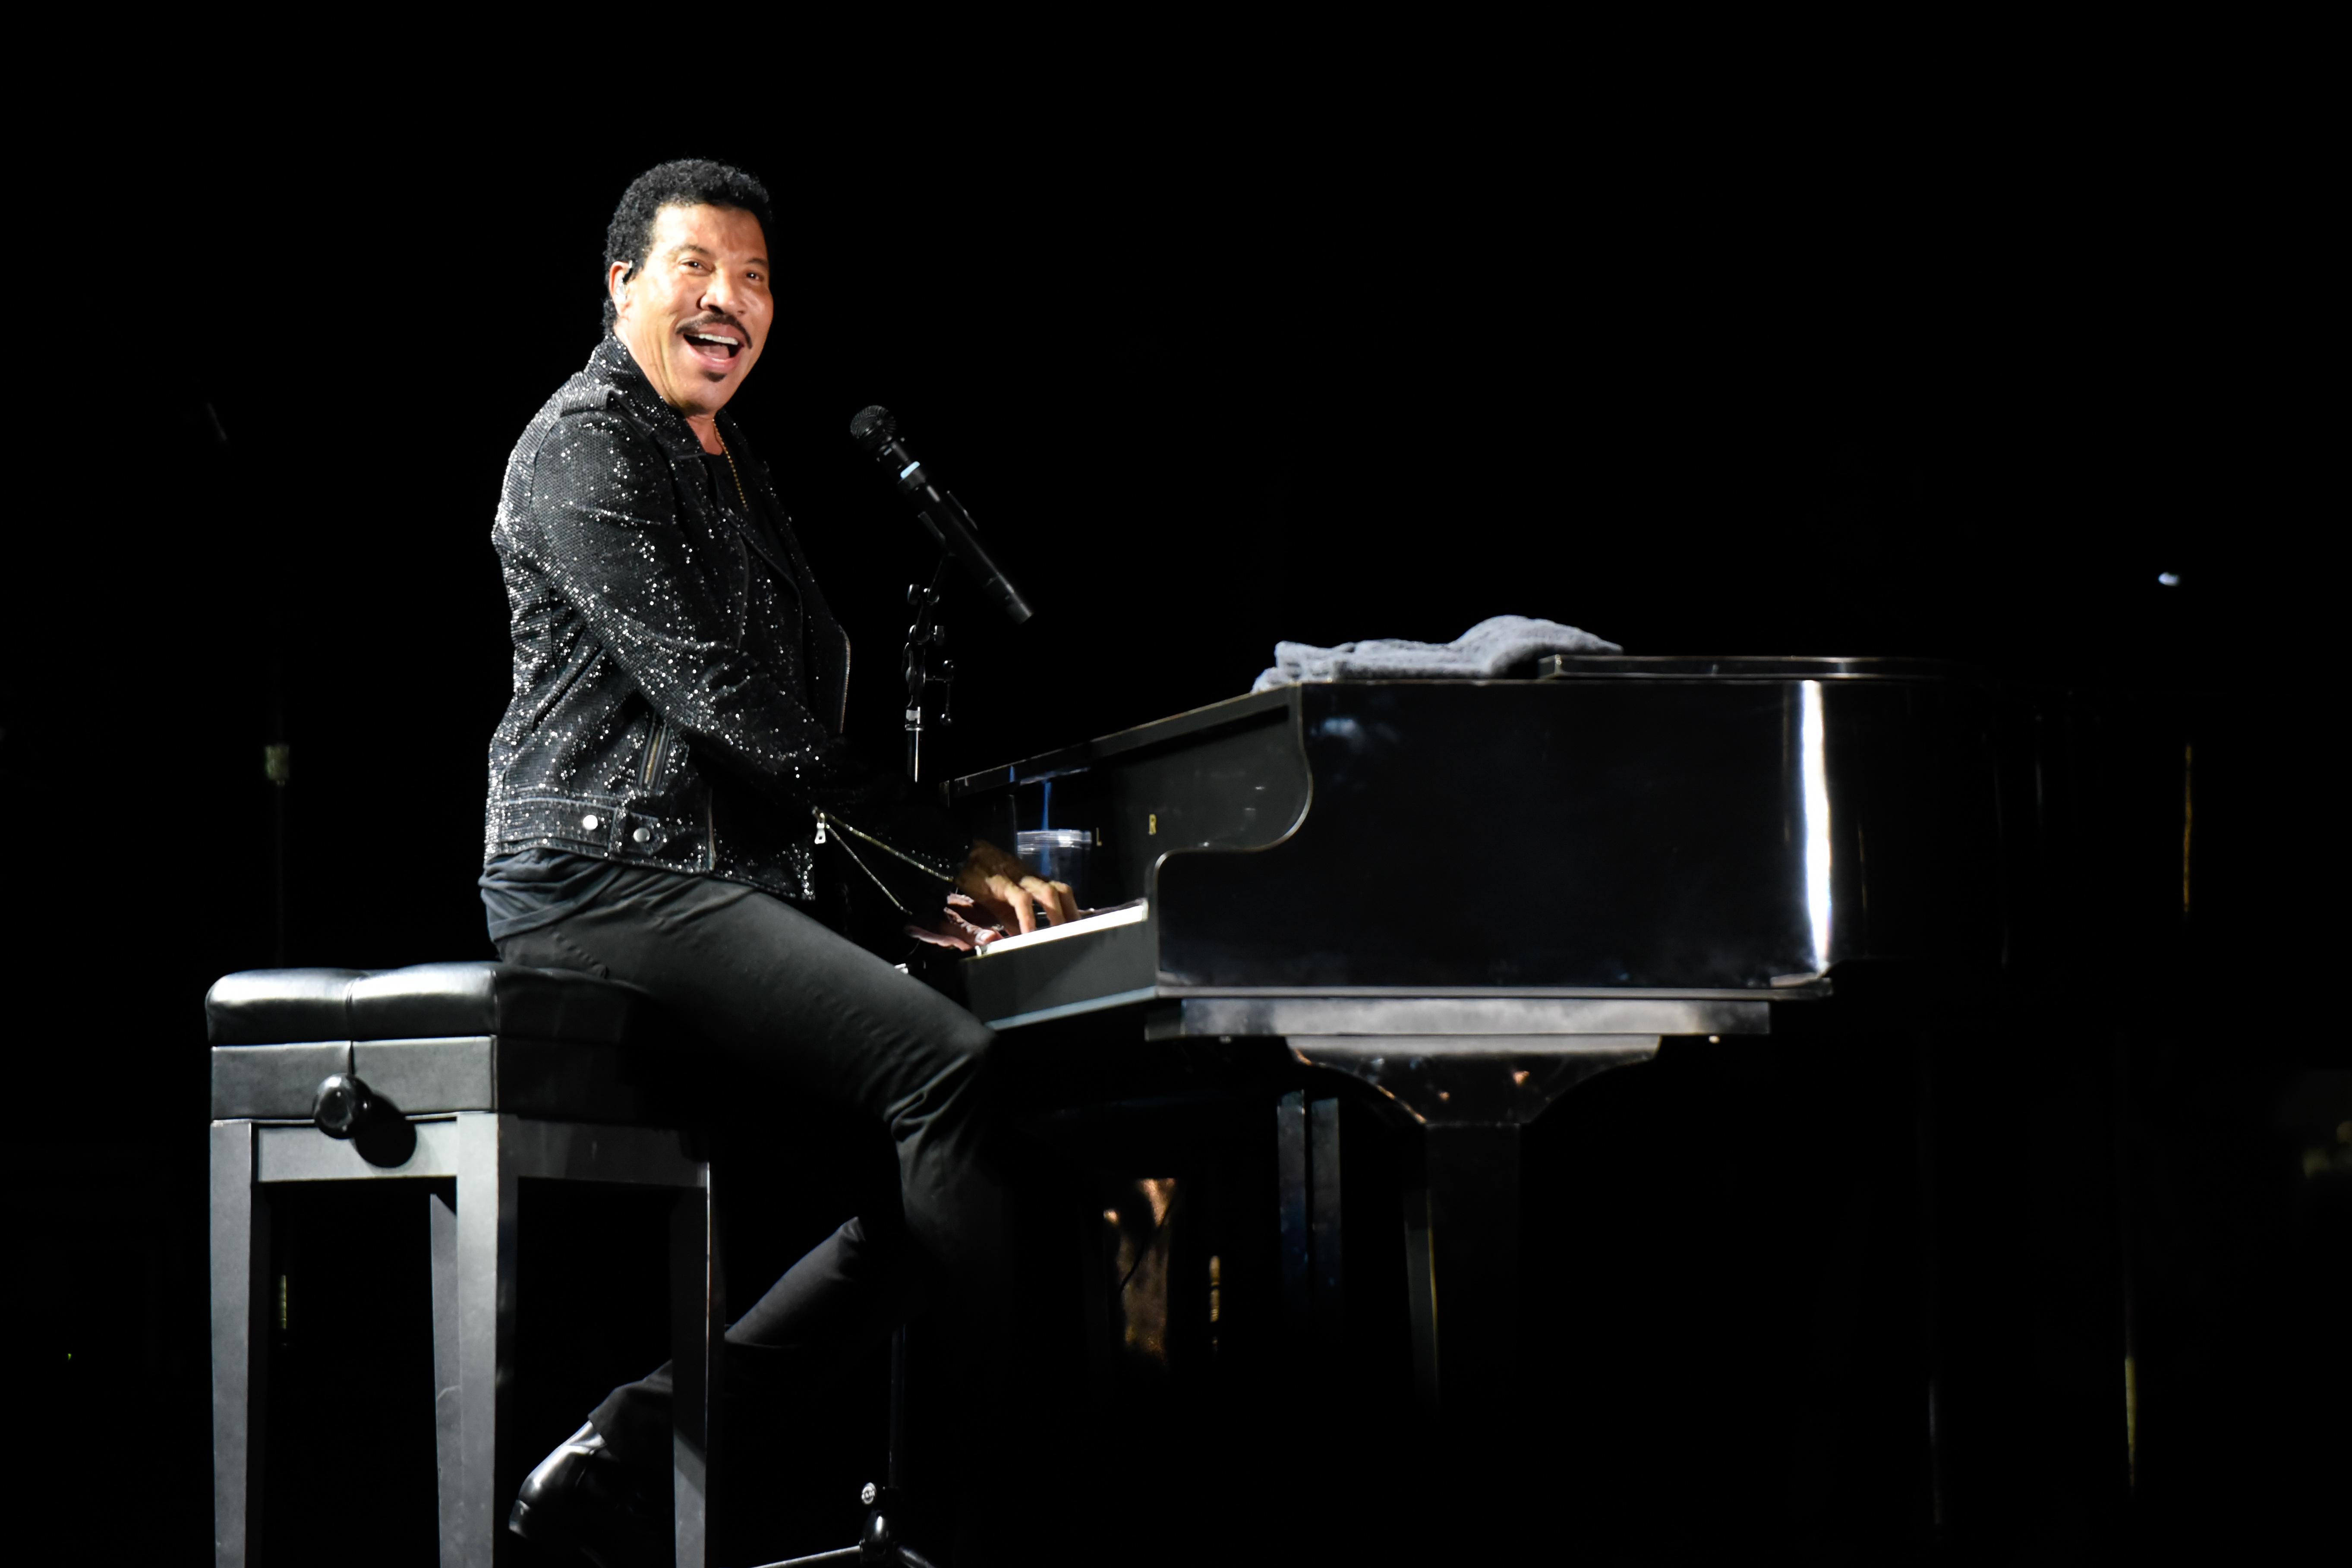 Lionel Richie Announces 'Live From Las Vegas' LP, North